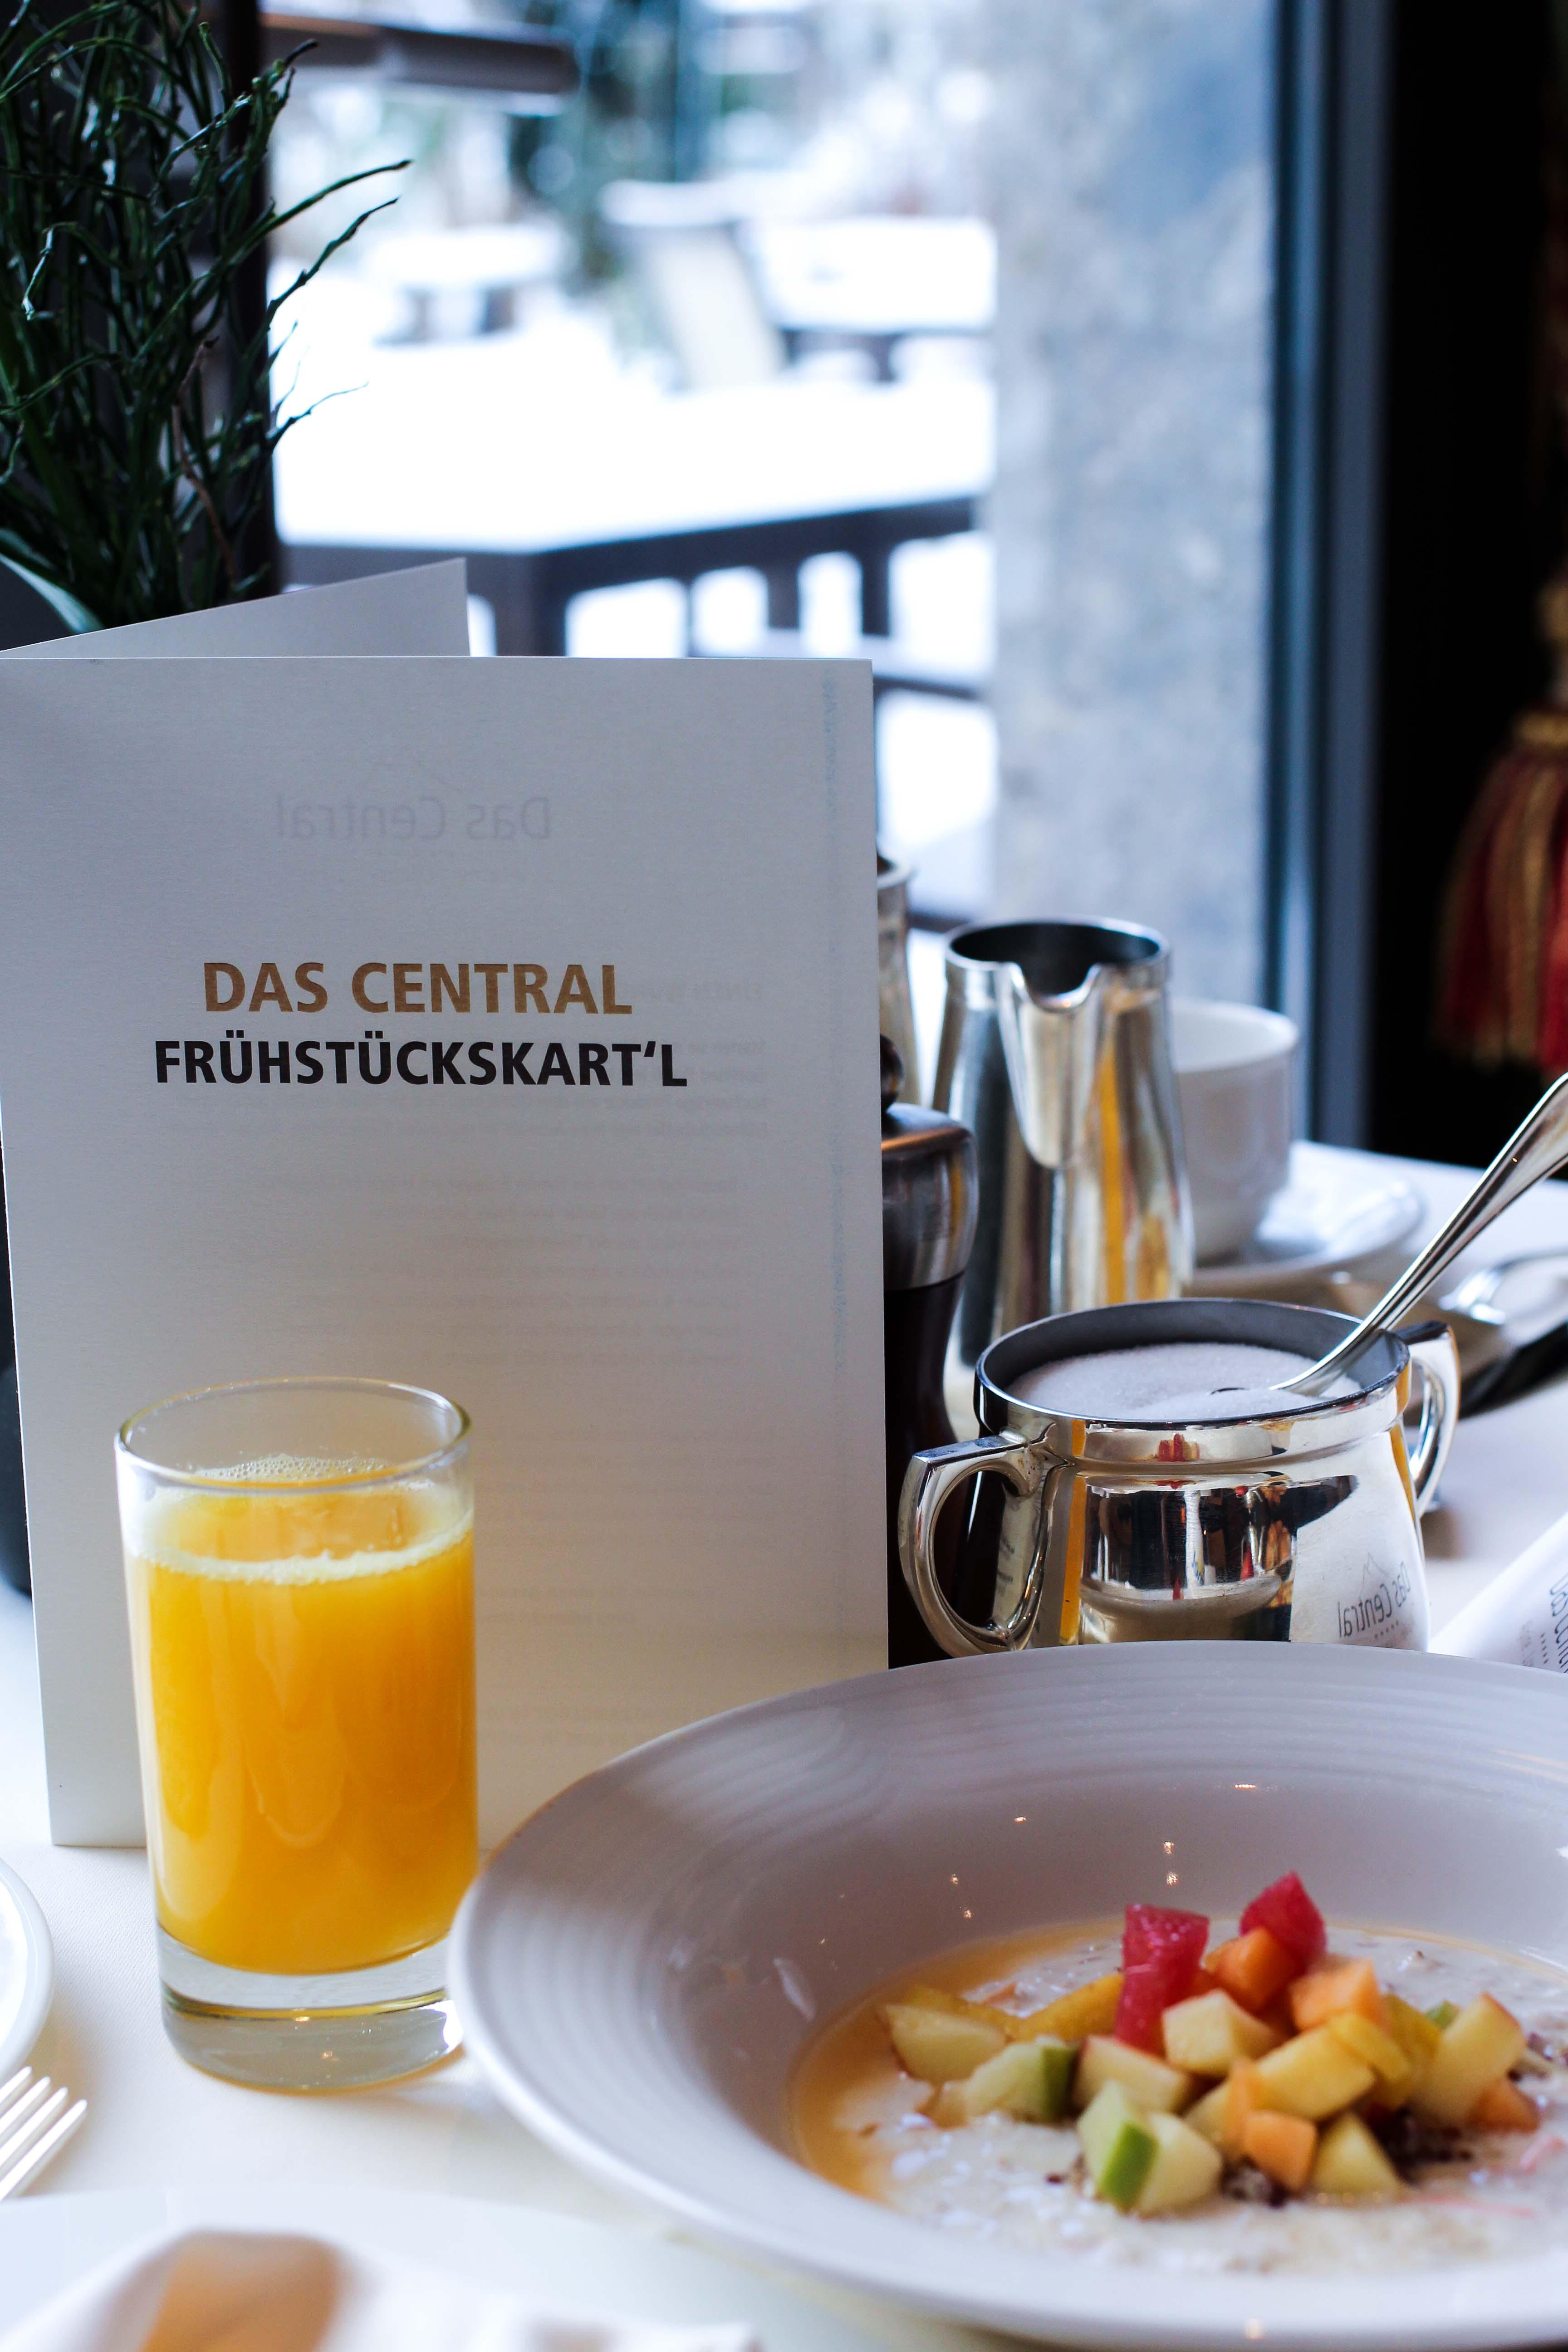 Frühstück frischer Osaft Früchte Gourmethotel Das Central Sölden 5-Sterne Luxushotel Sölden Tirol Österreich Winterurlaub Reiseblog